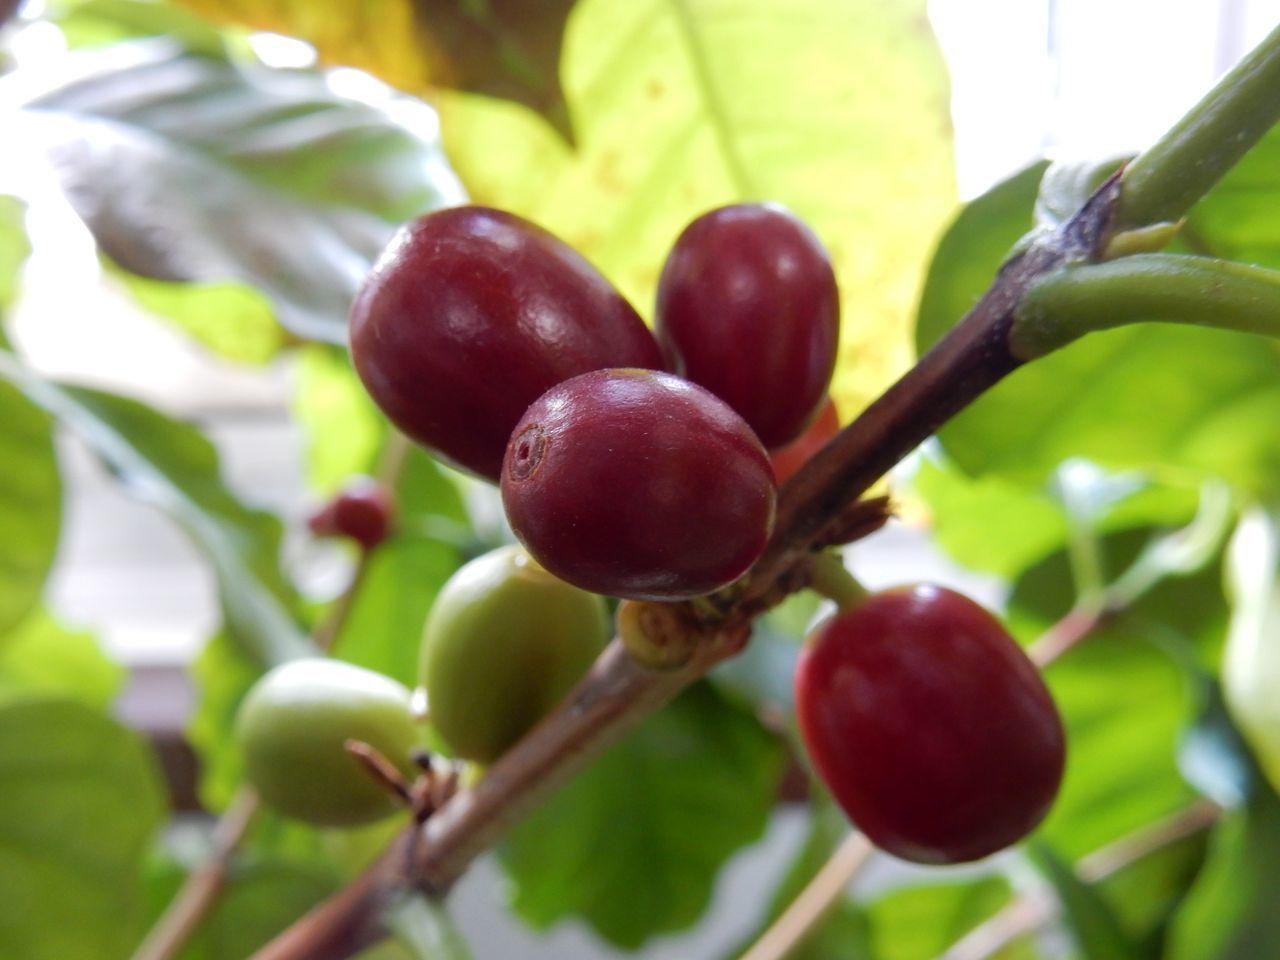 赤い一日(コーヒー収穫)_c0025115_21540873.jpg